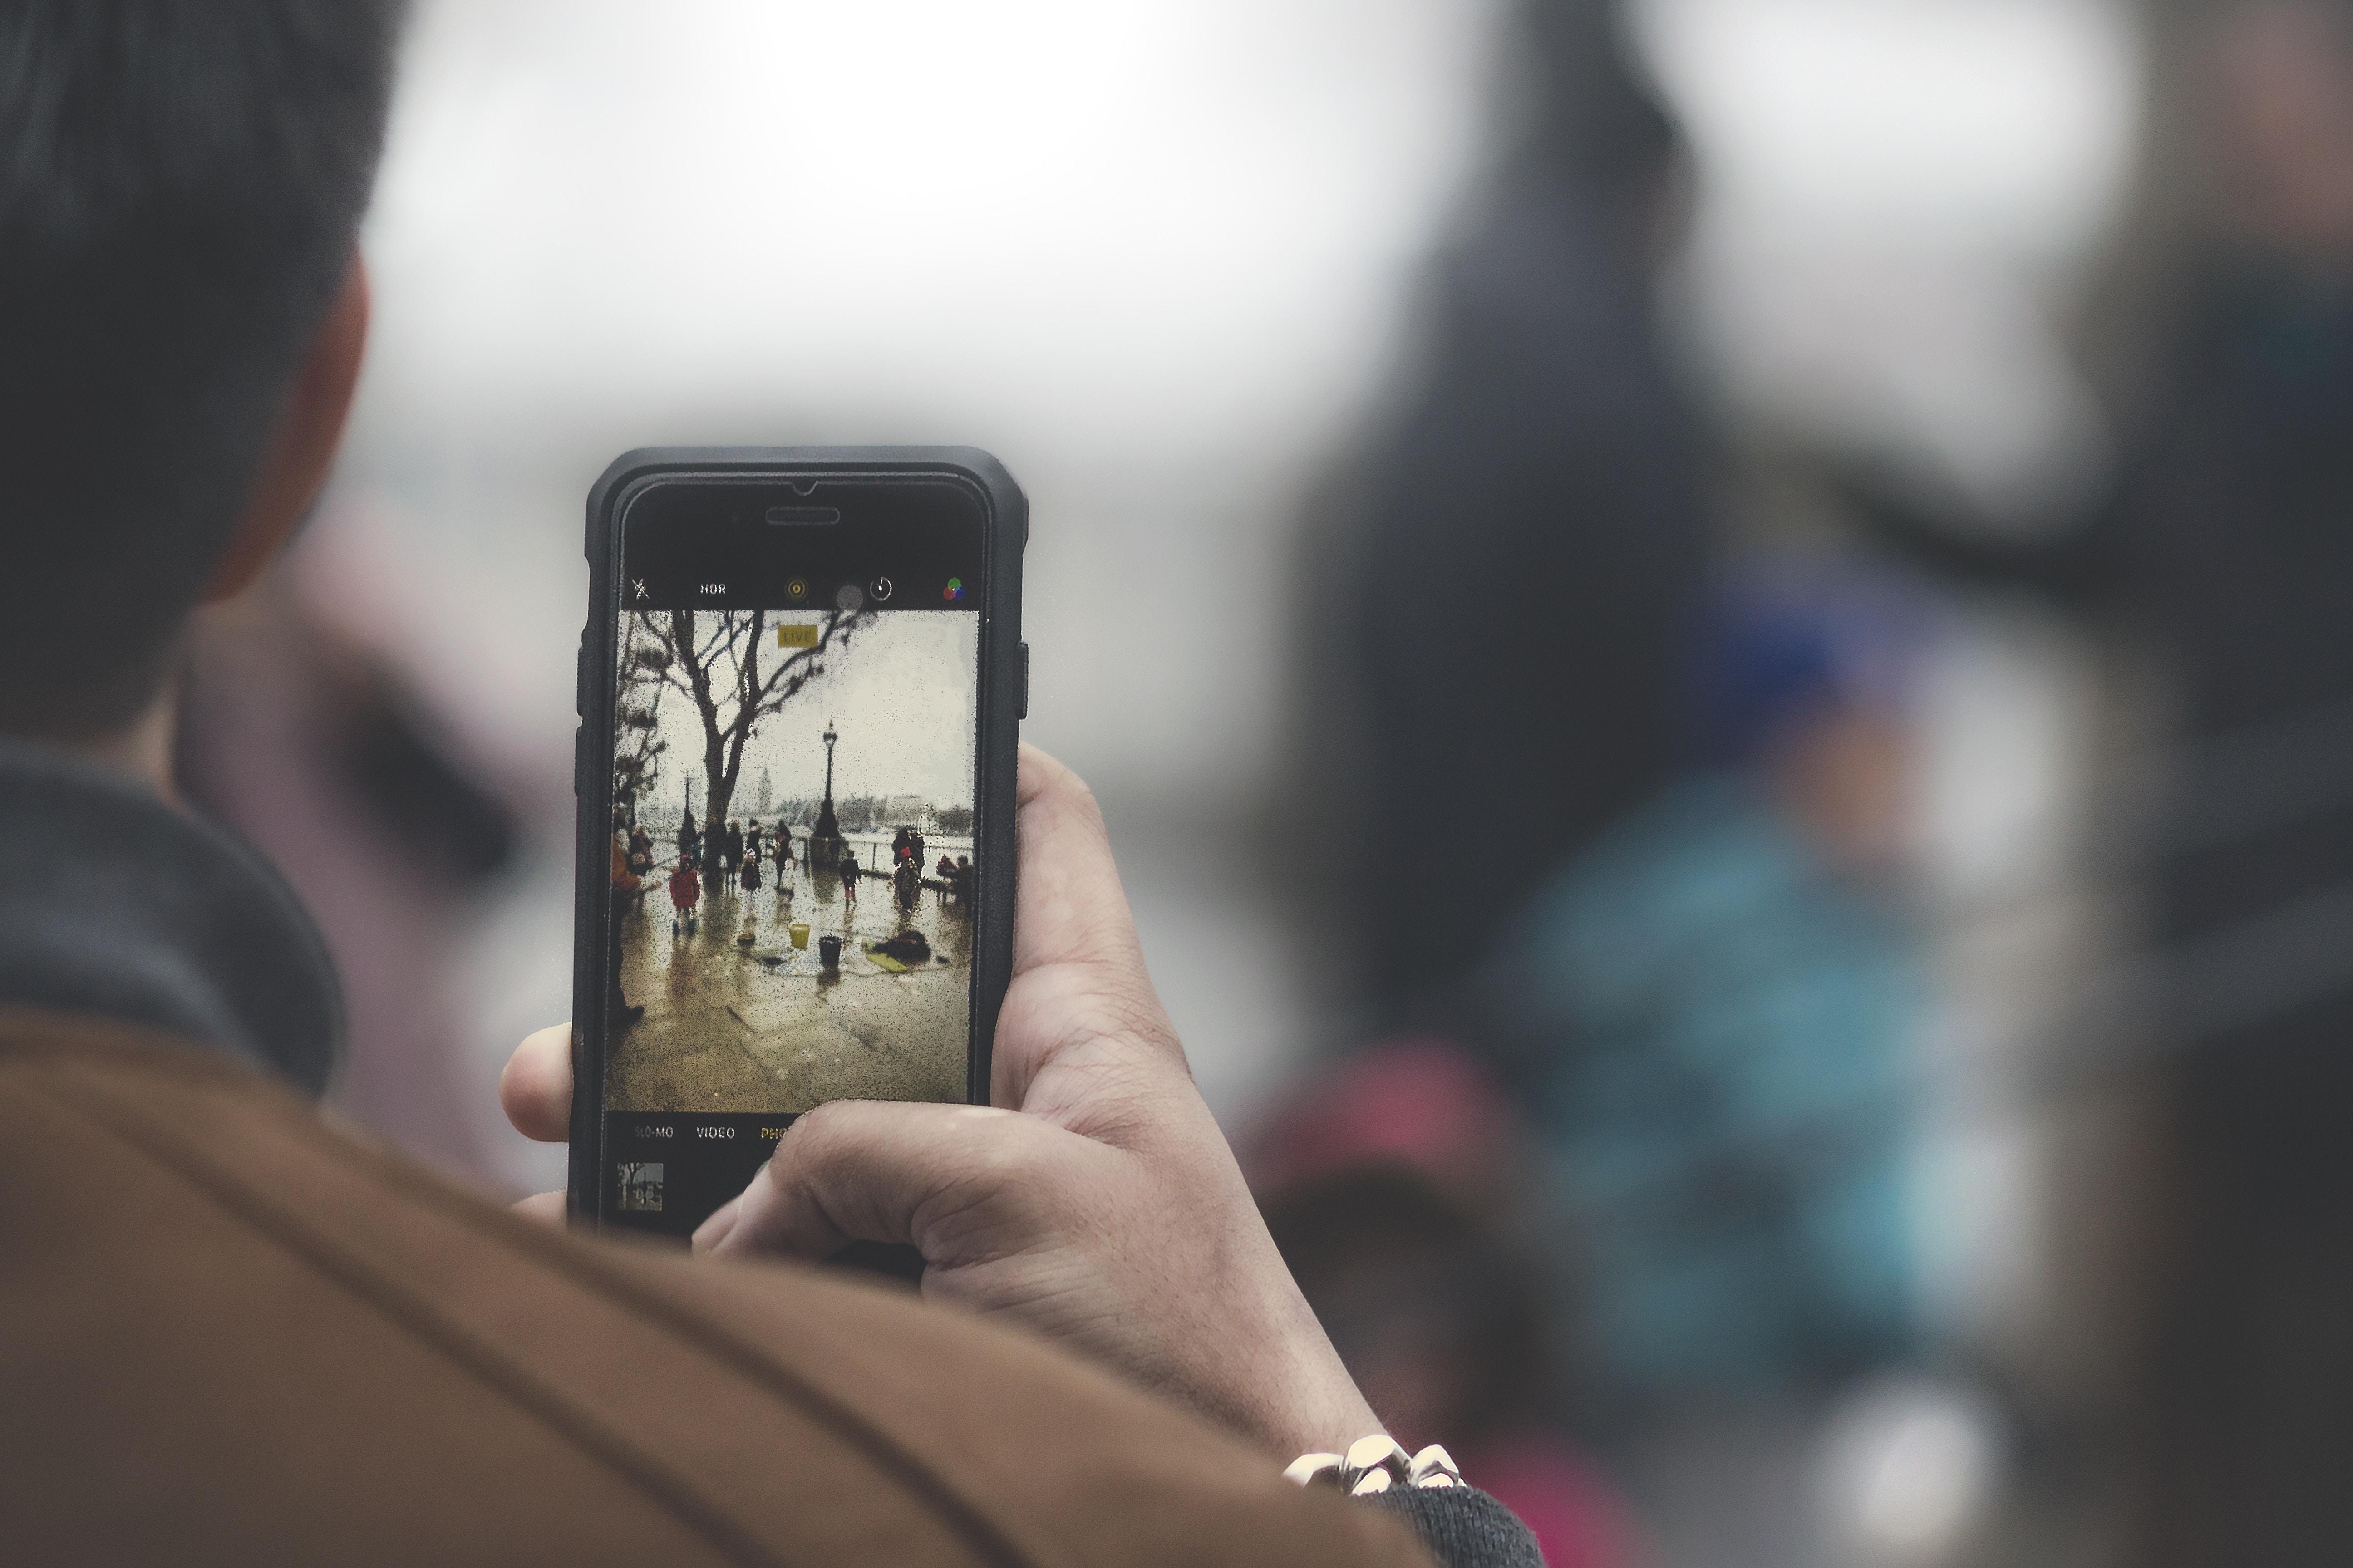 Google gotuje vlasnu versiju dopovnenoї reaľnosti dlja smartfoniv